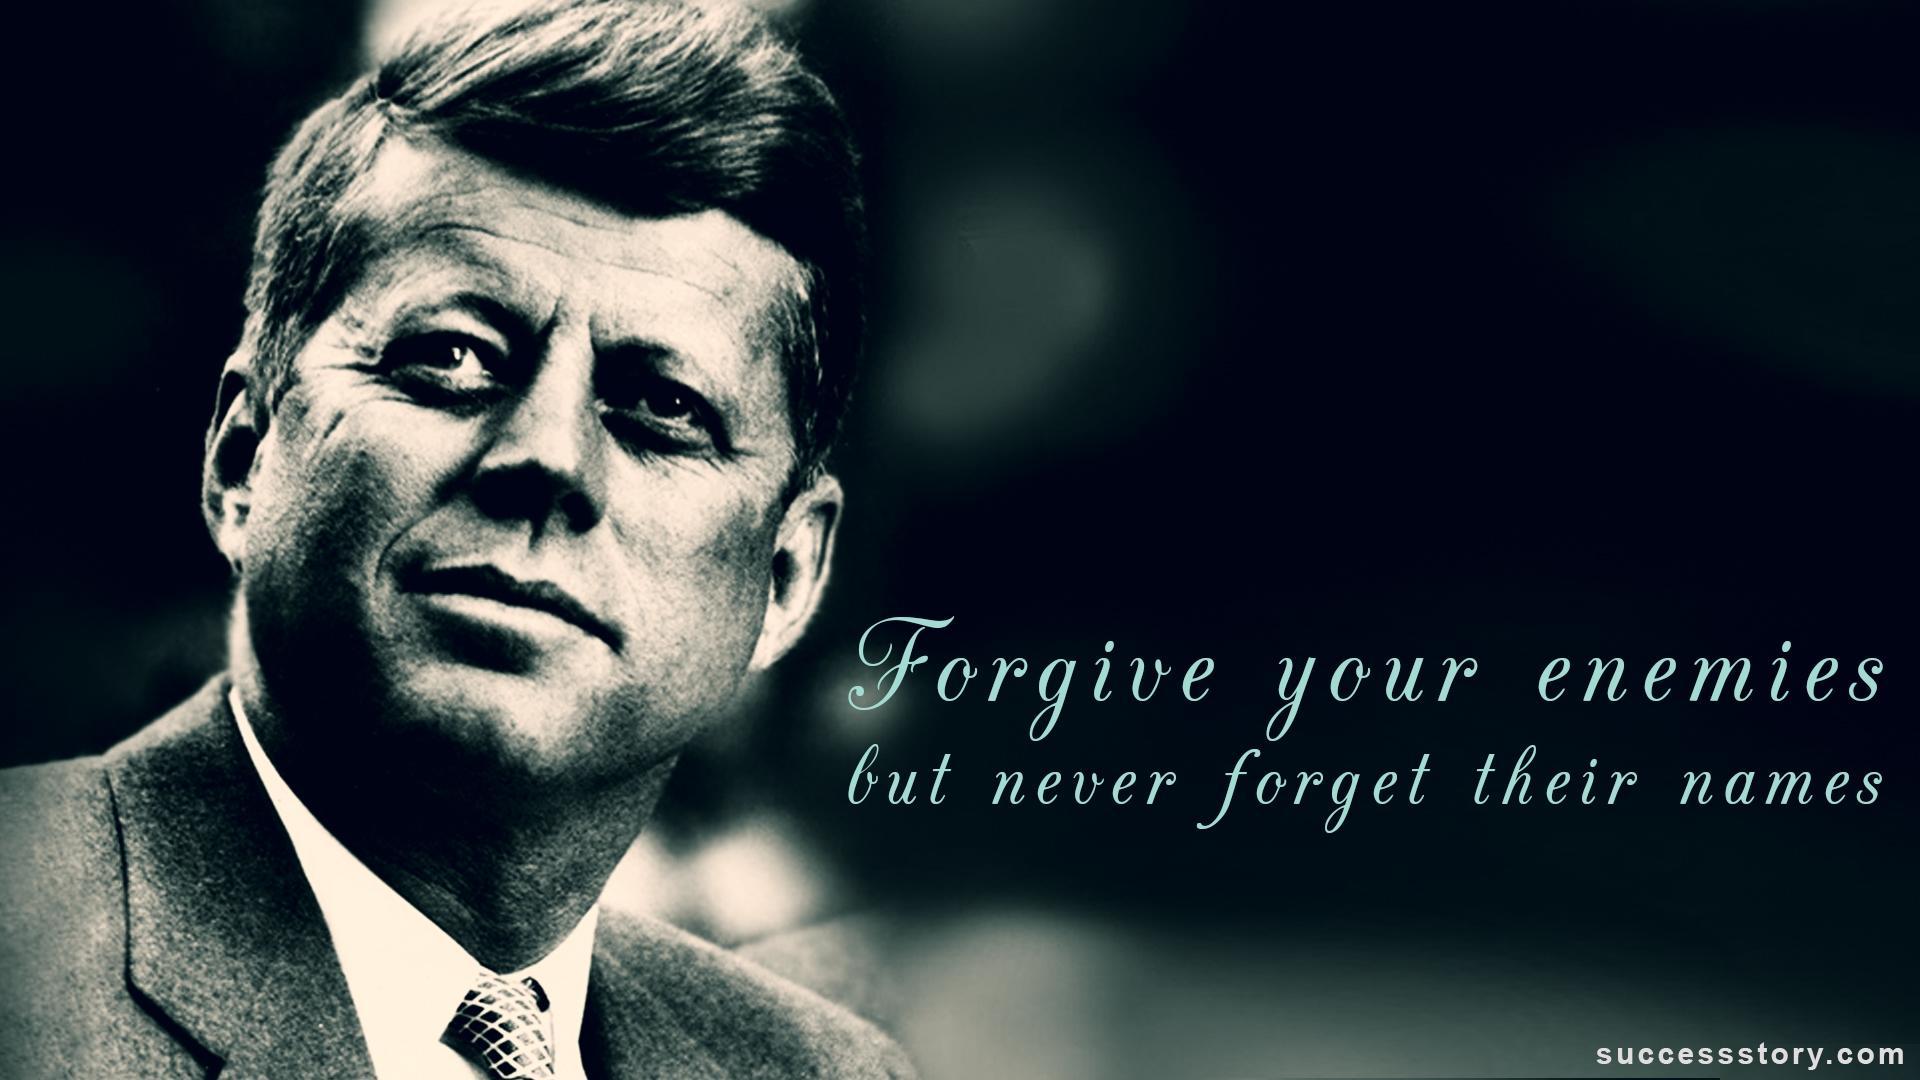 John F. Kennedy Wallpapers